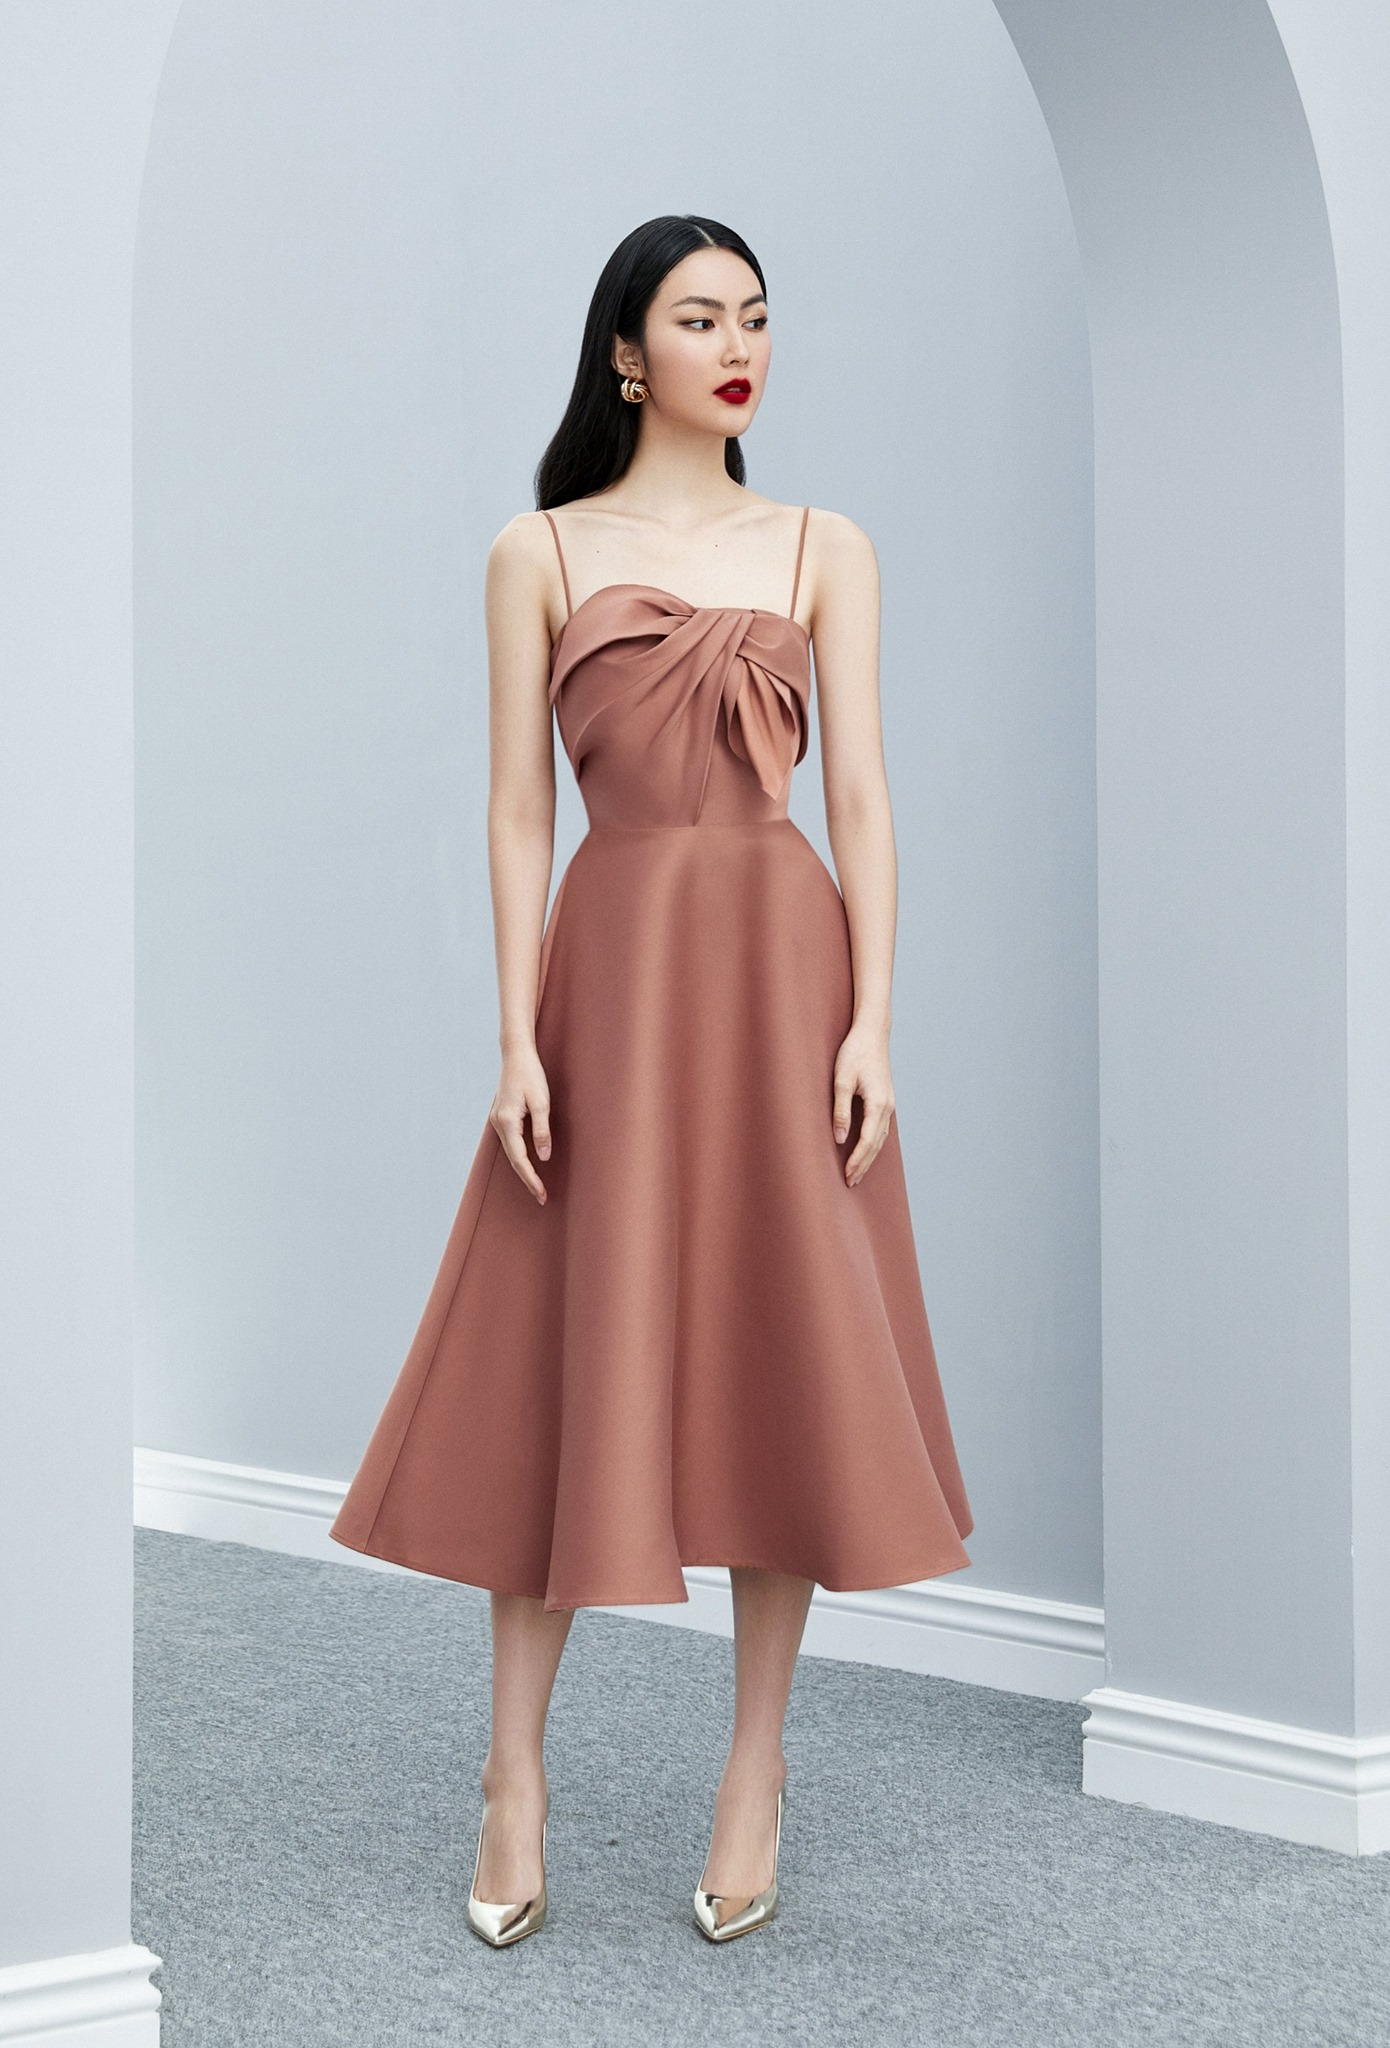 Đầm xoè 2 dây nơ ngực #2650